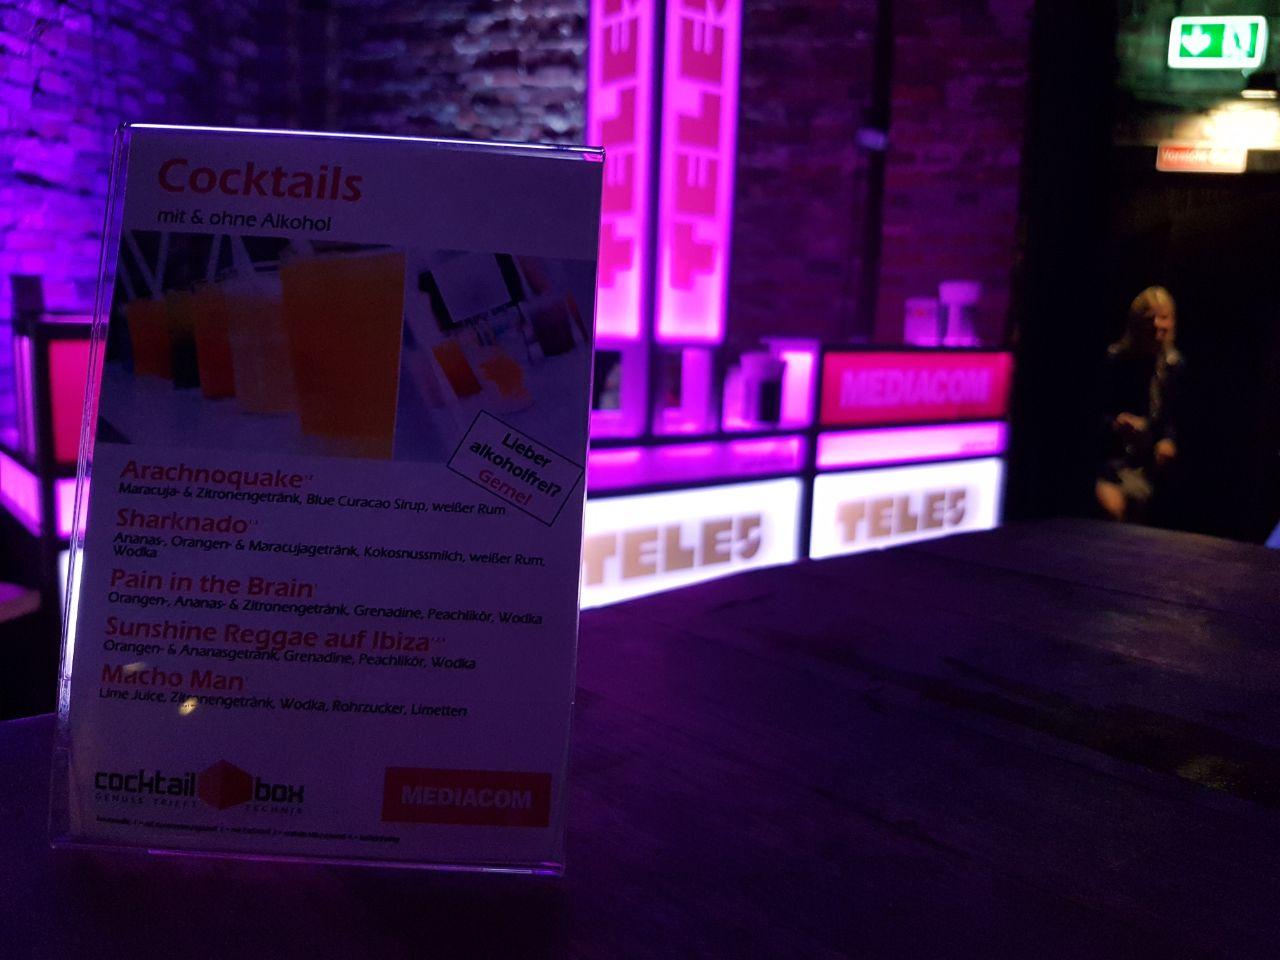 MediaCom_Sommerfest_cocktail-box_3